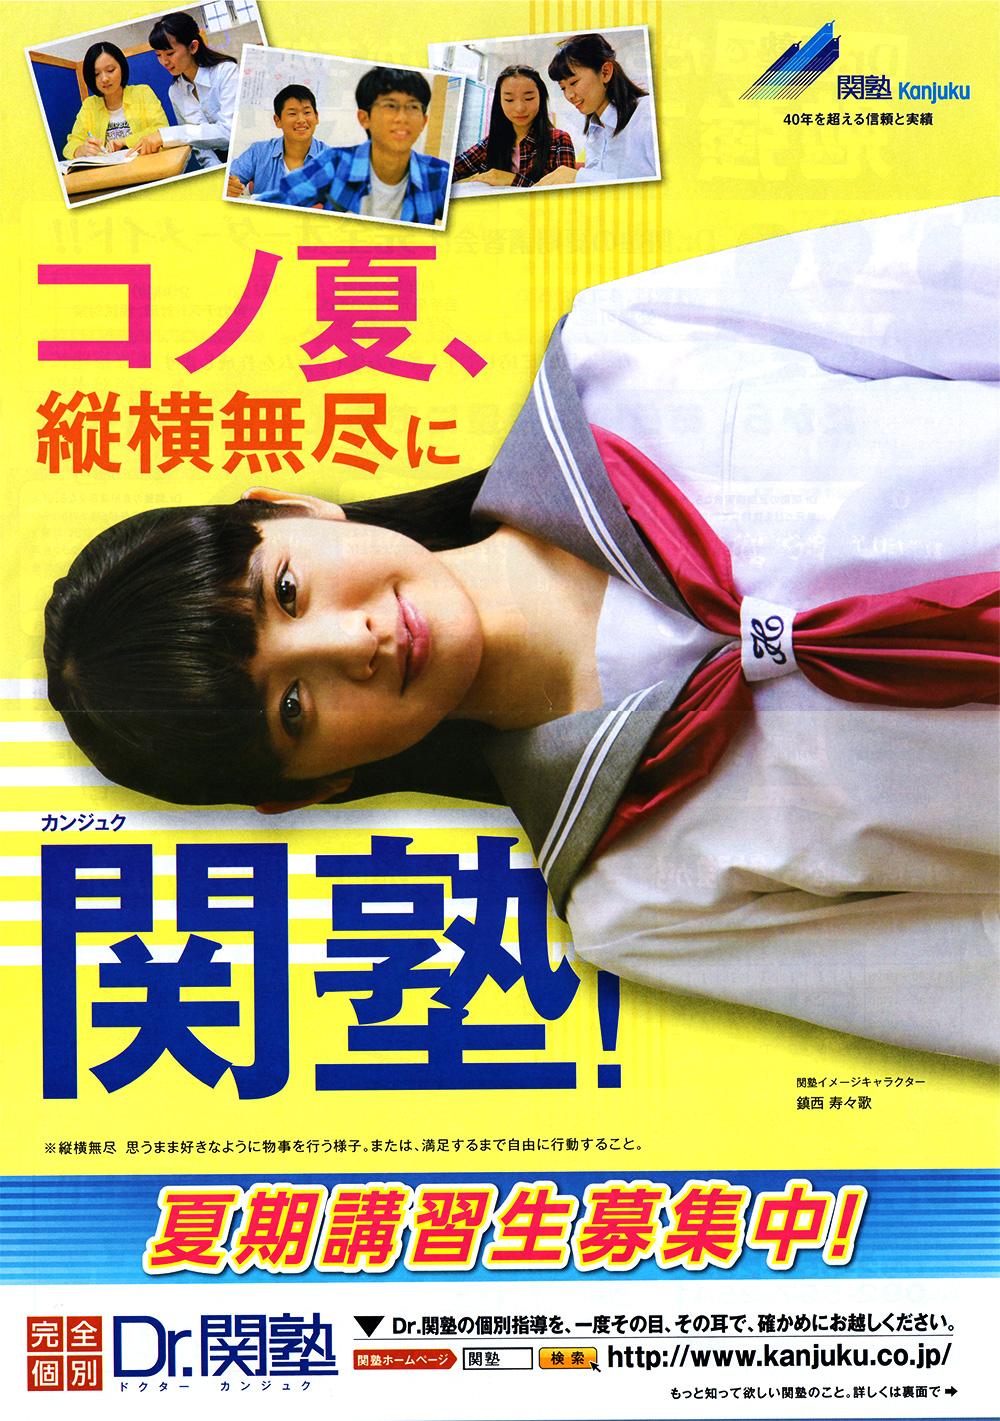 コノ夏、縦横無尽に「関塾」夏期講習性募集中!